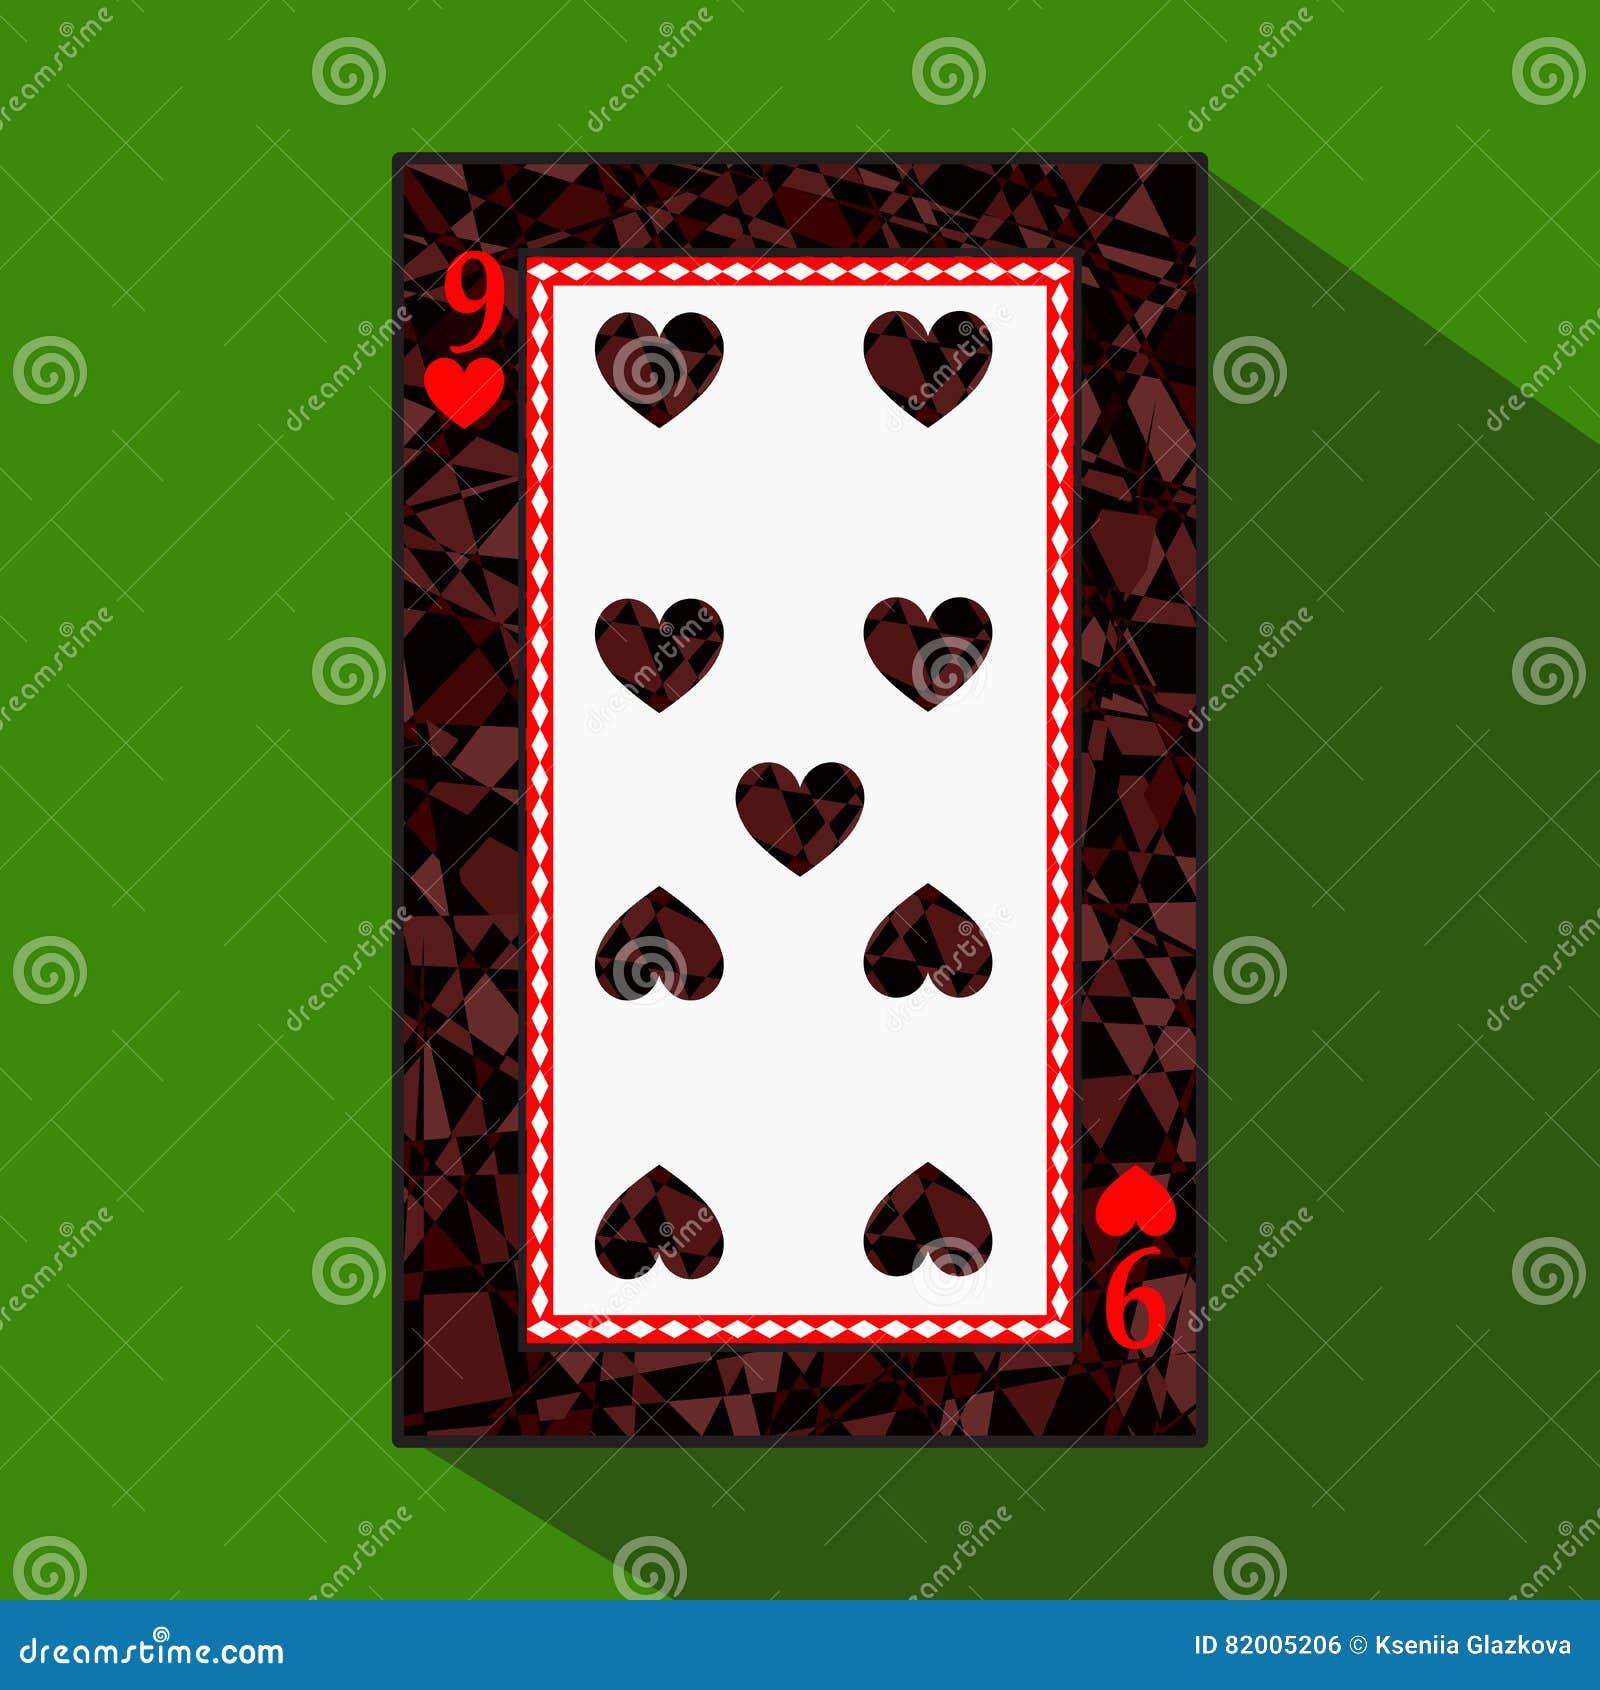 Spela kortet symbolsbilden är lätt HJÄRTA NIO 9 om mörk regiongräns en illustration på grön bakgrund applic